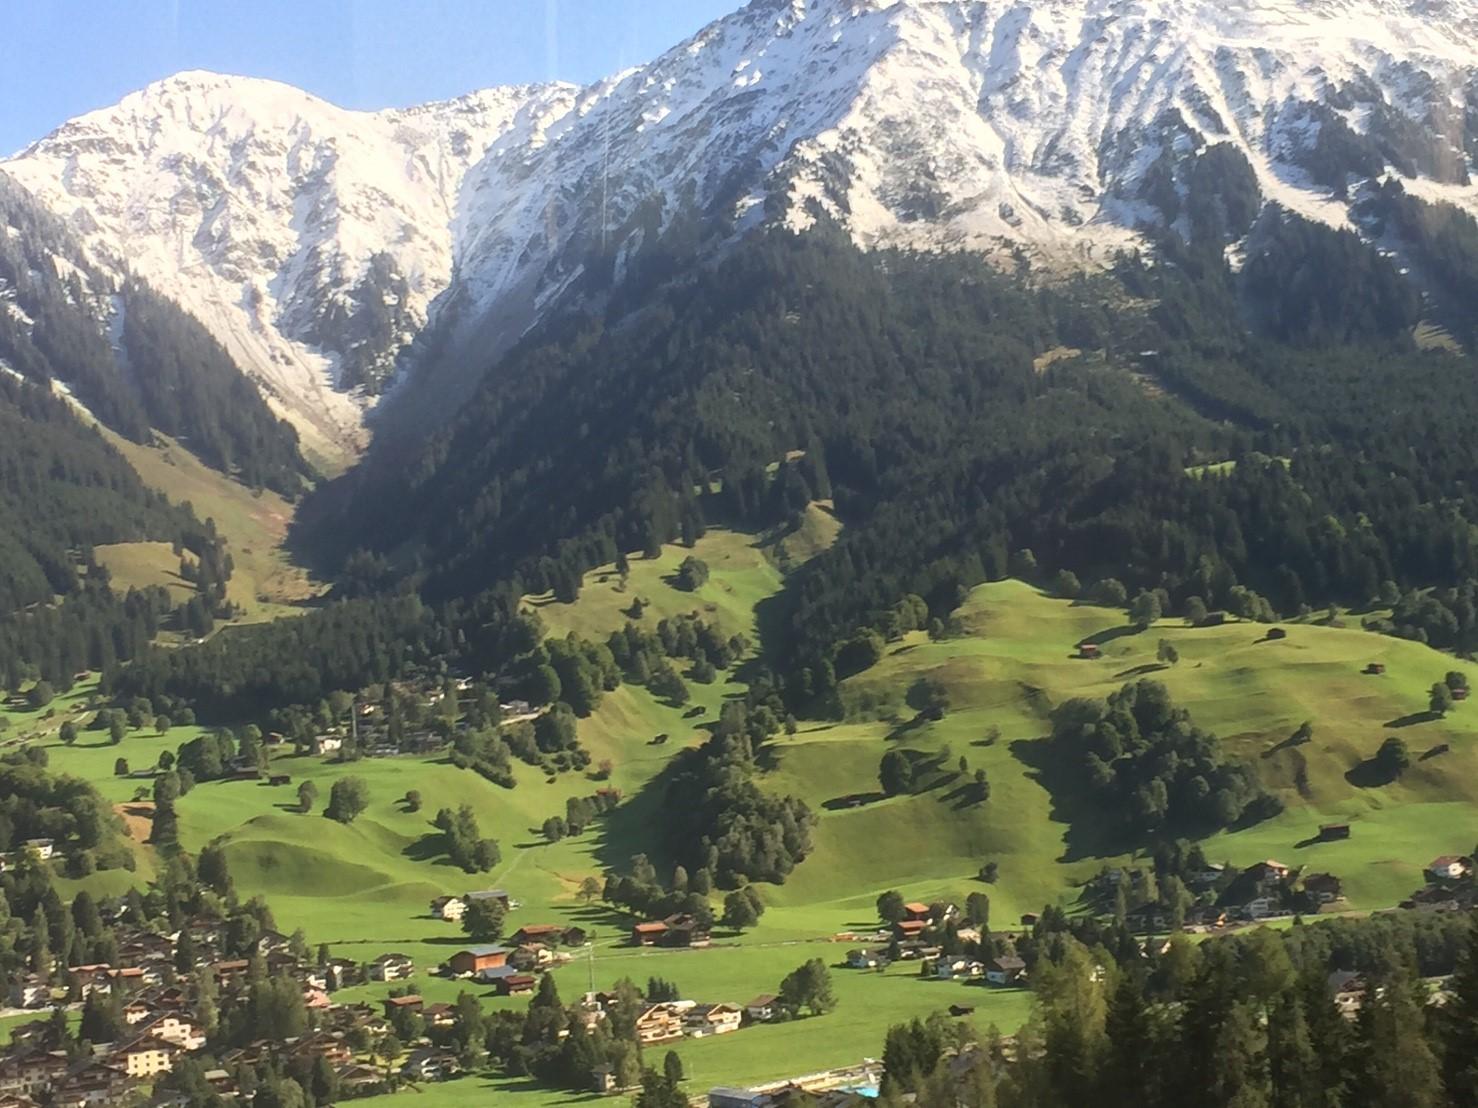 [瑞士Switzerland]小蓮的故鄉.阿爾卑斯山少女 達沃斯Davos梅菲爾德Maienfeld列支敦斯登Liechtenstein瓦度茲Vaduz 201709.11 ...